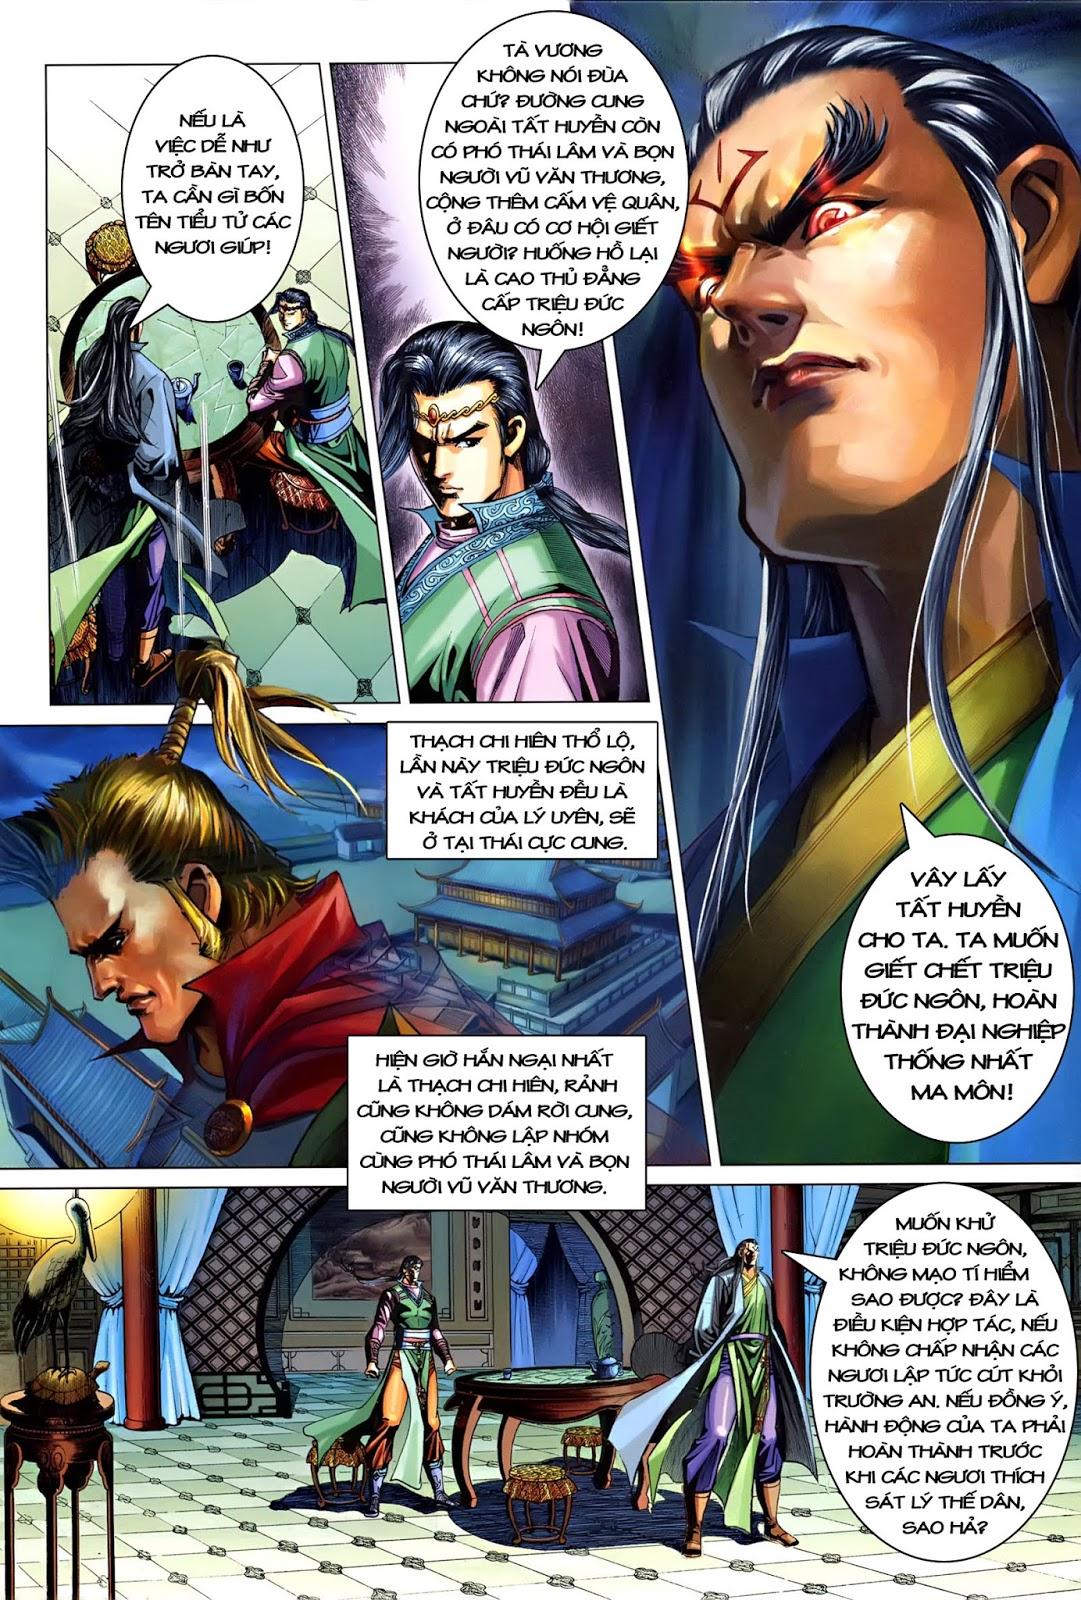 Đại Đường Song Long Truyện chap 216 - Trang 17